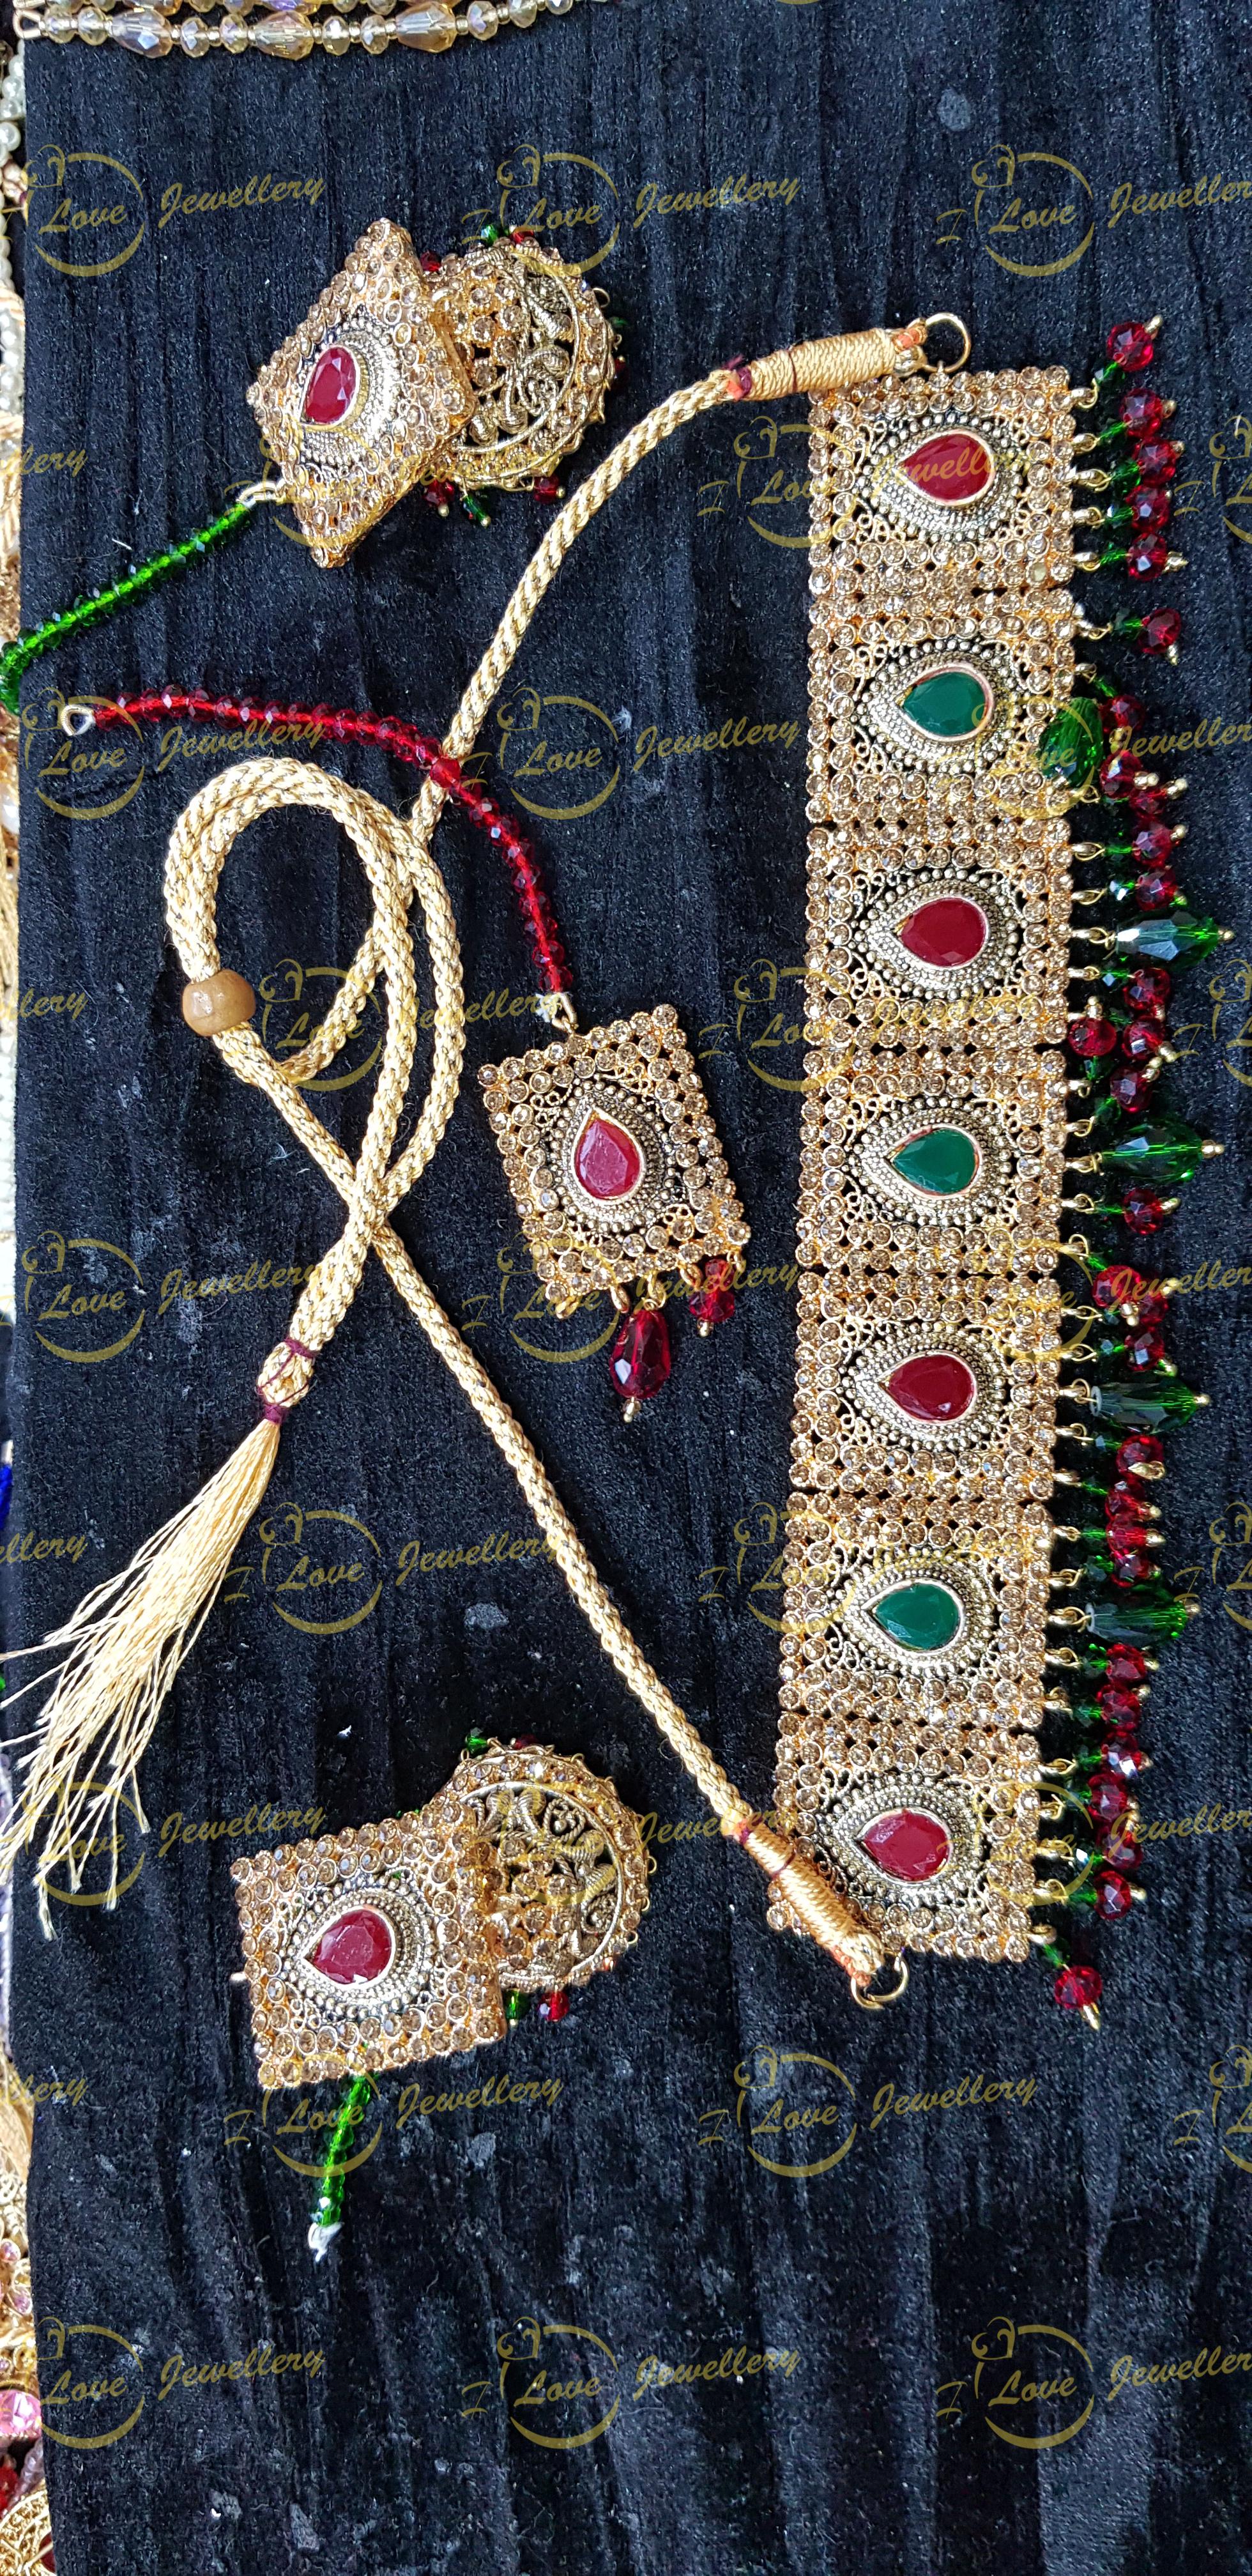 Pakistani choker - green maroon choker - bridal chokers - mehndi jewellery - Pakistani wedding jewellery - Pakistani bridal jewellery - wholesale Pakistani jewellery - bespoke Pakistani jewellery